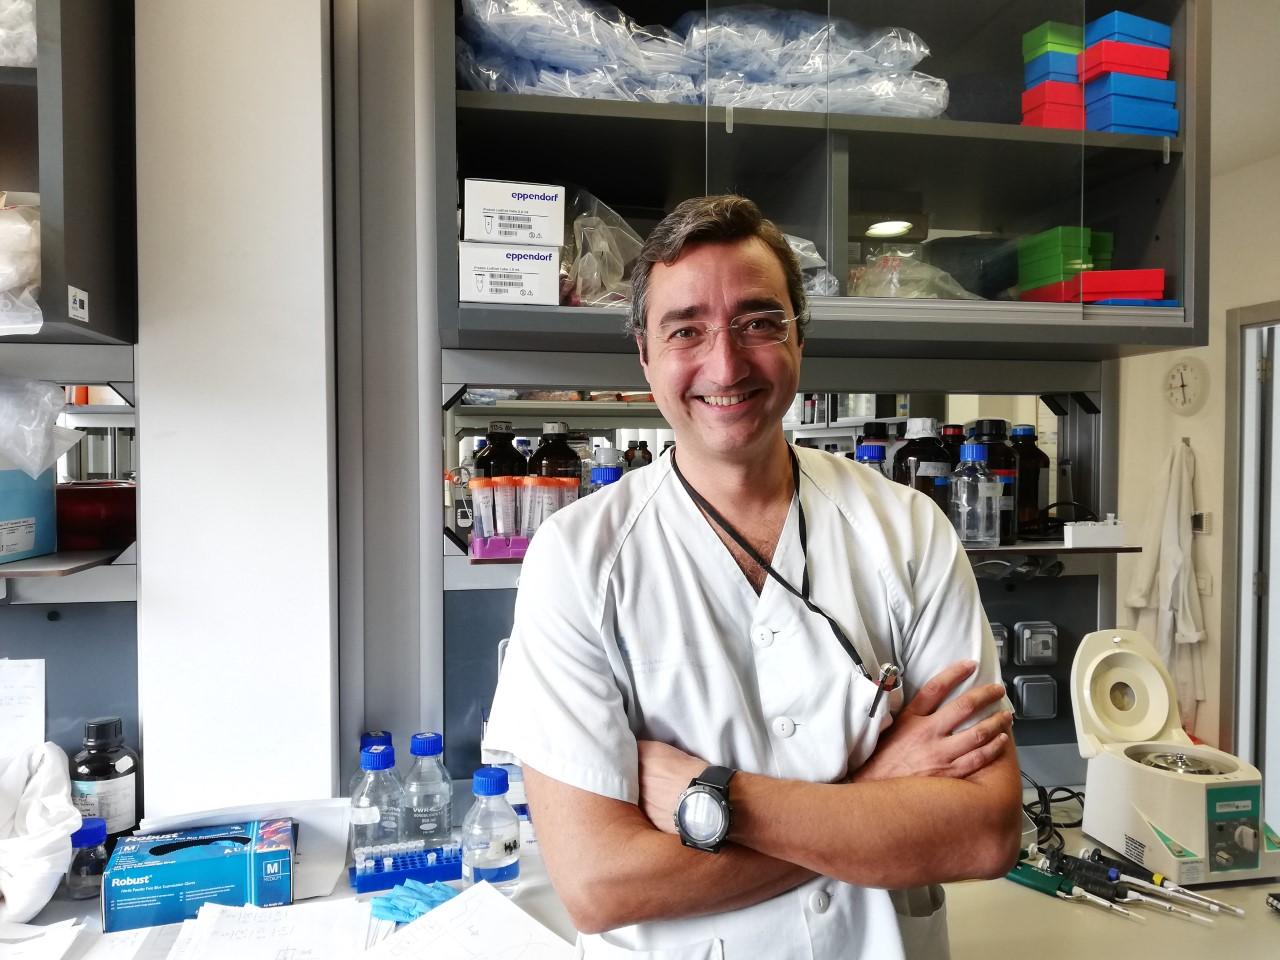 Fernando Gutiérrez, jefe de la unidad de investigación del HUC. FOTO: DA